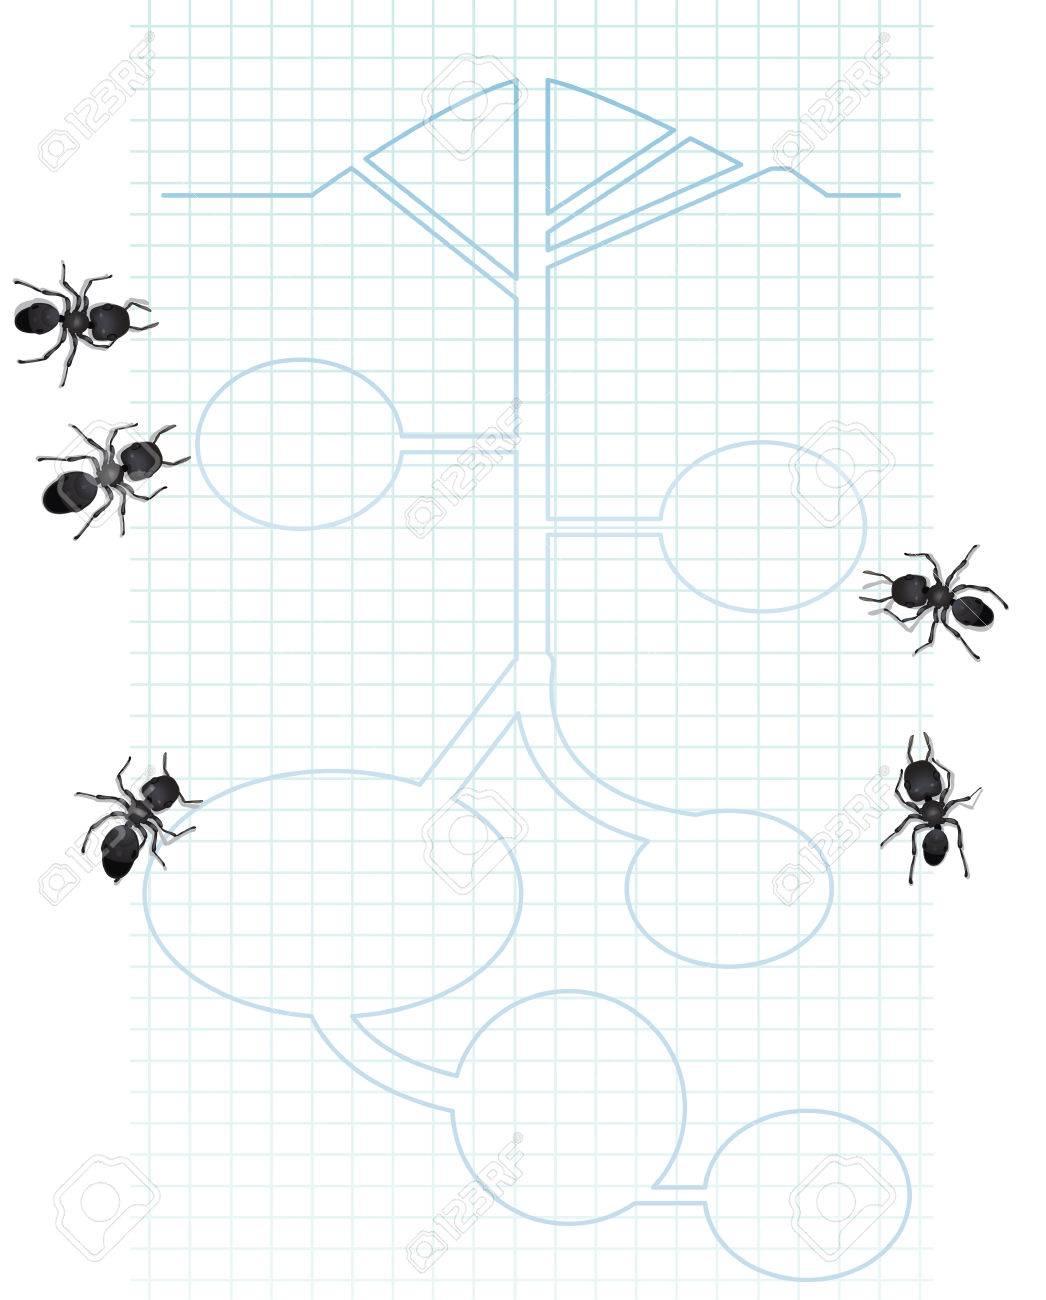 Schematics For - Merzie.net